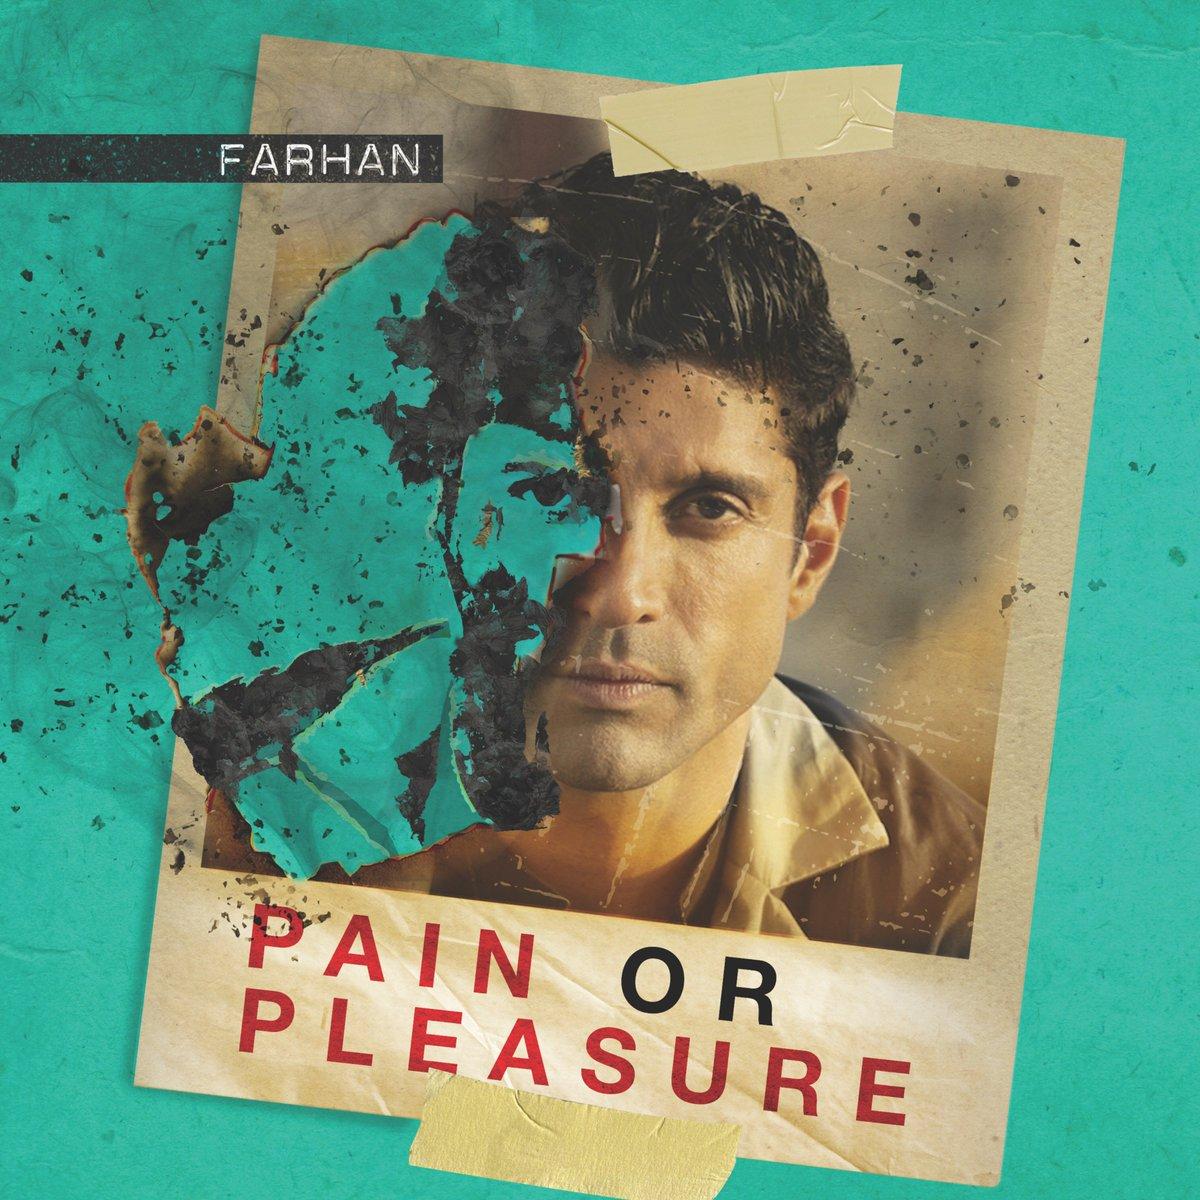 Choose wisely 😉 #PainOrPleasure. Listen to #FarhanAkhtar's new single here https://spoti.fi/PainOrPleasure